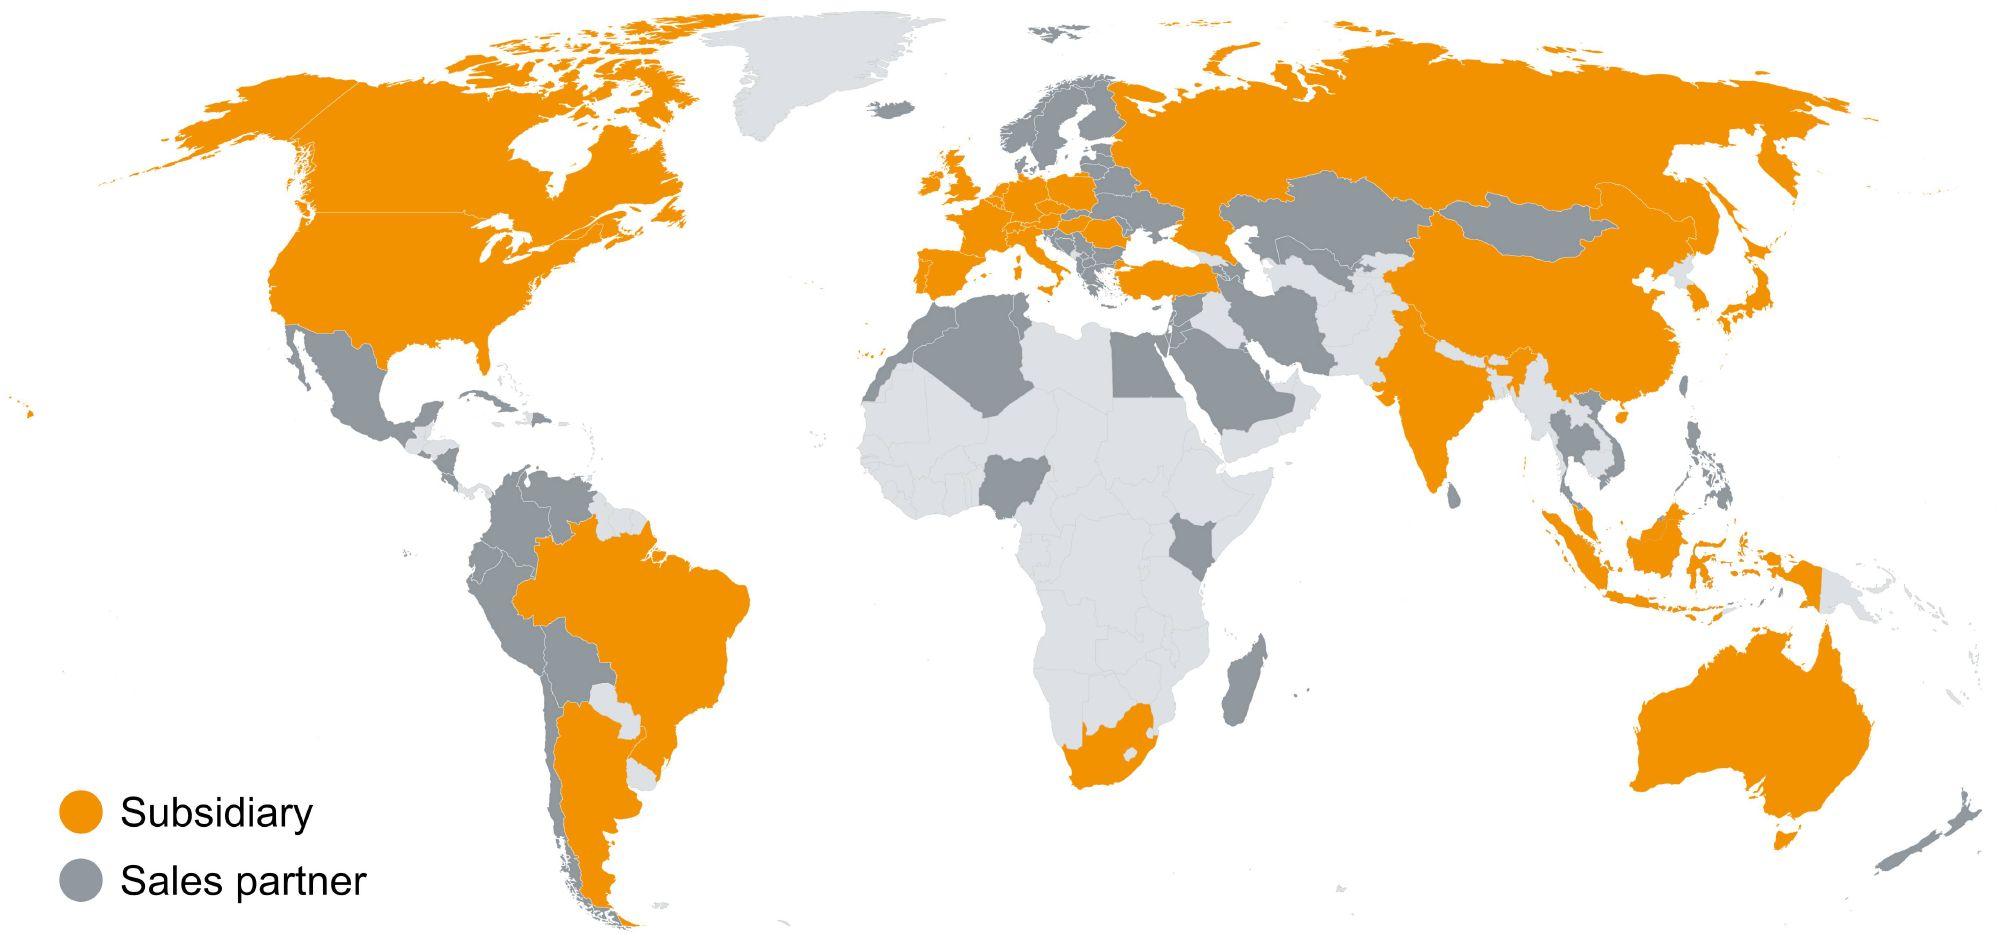 Testo-Worldwide-2016-EN.jpg